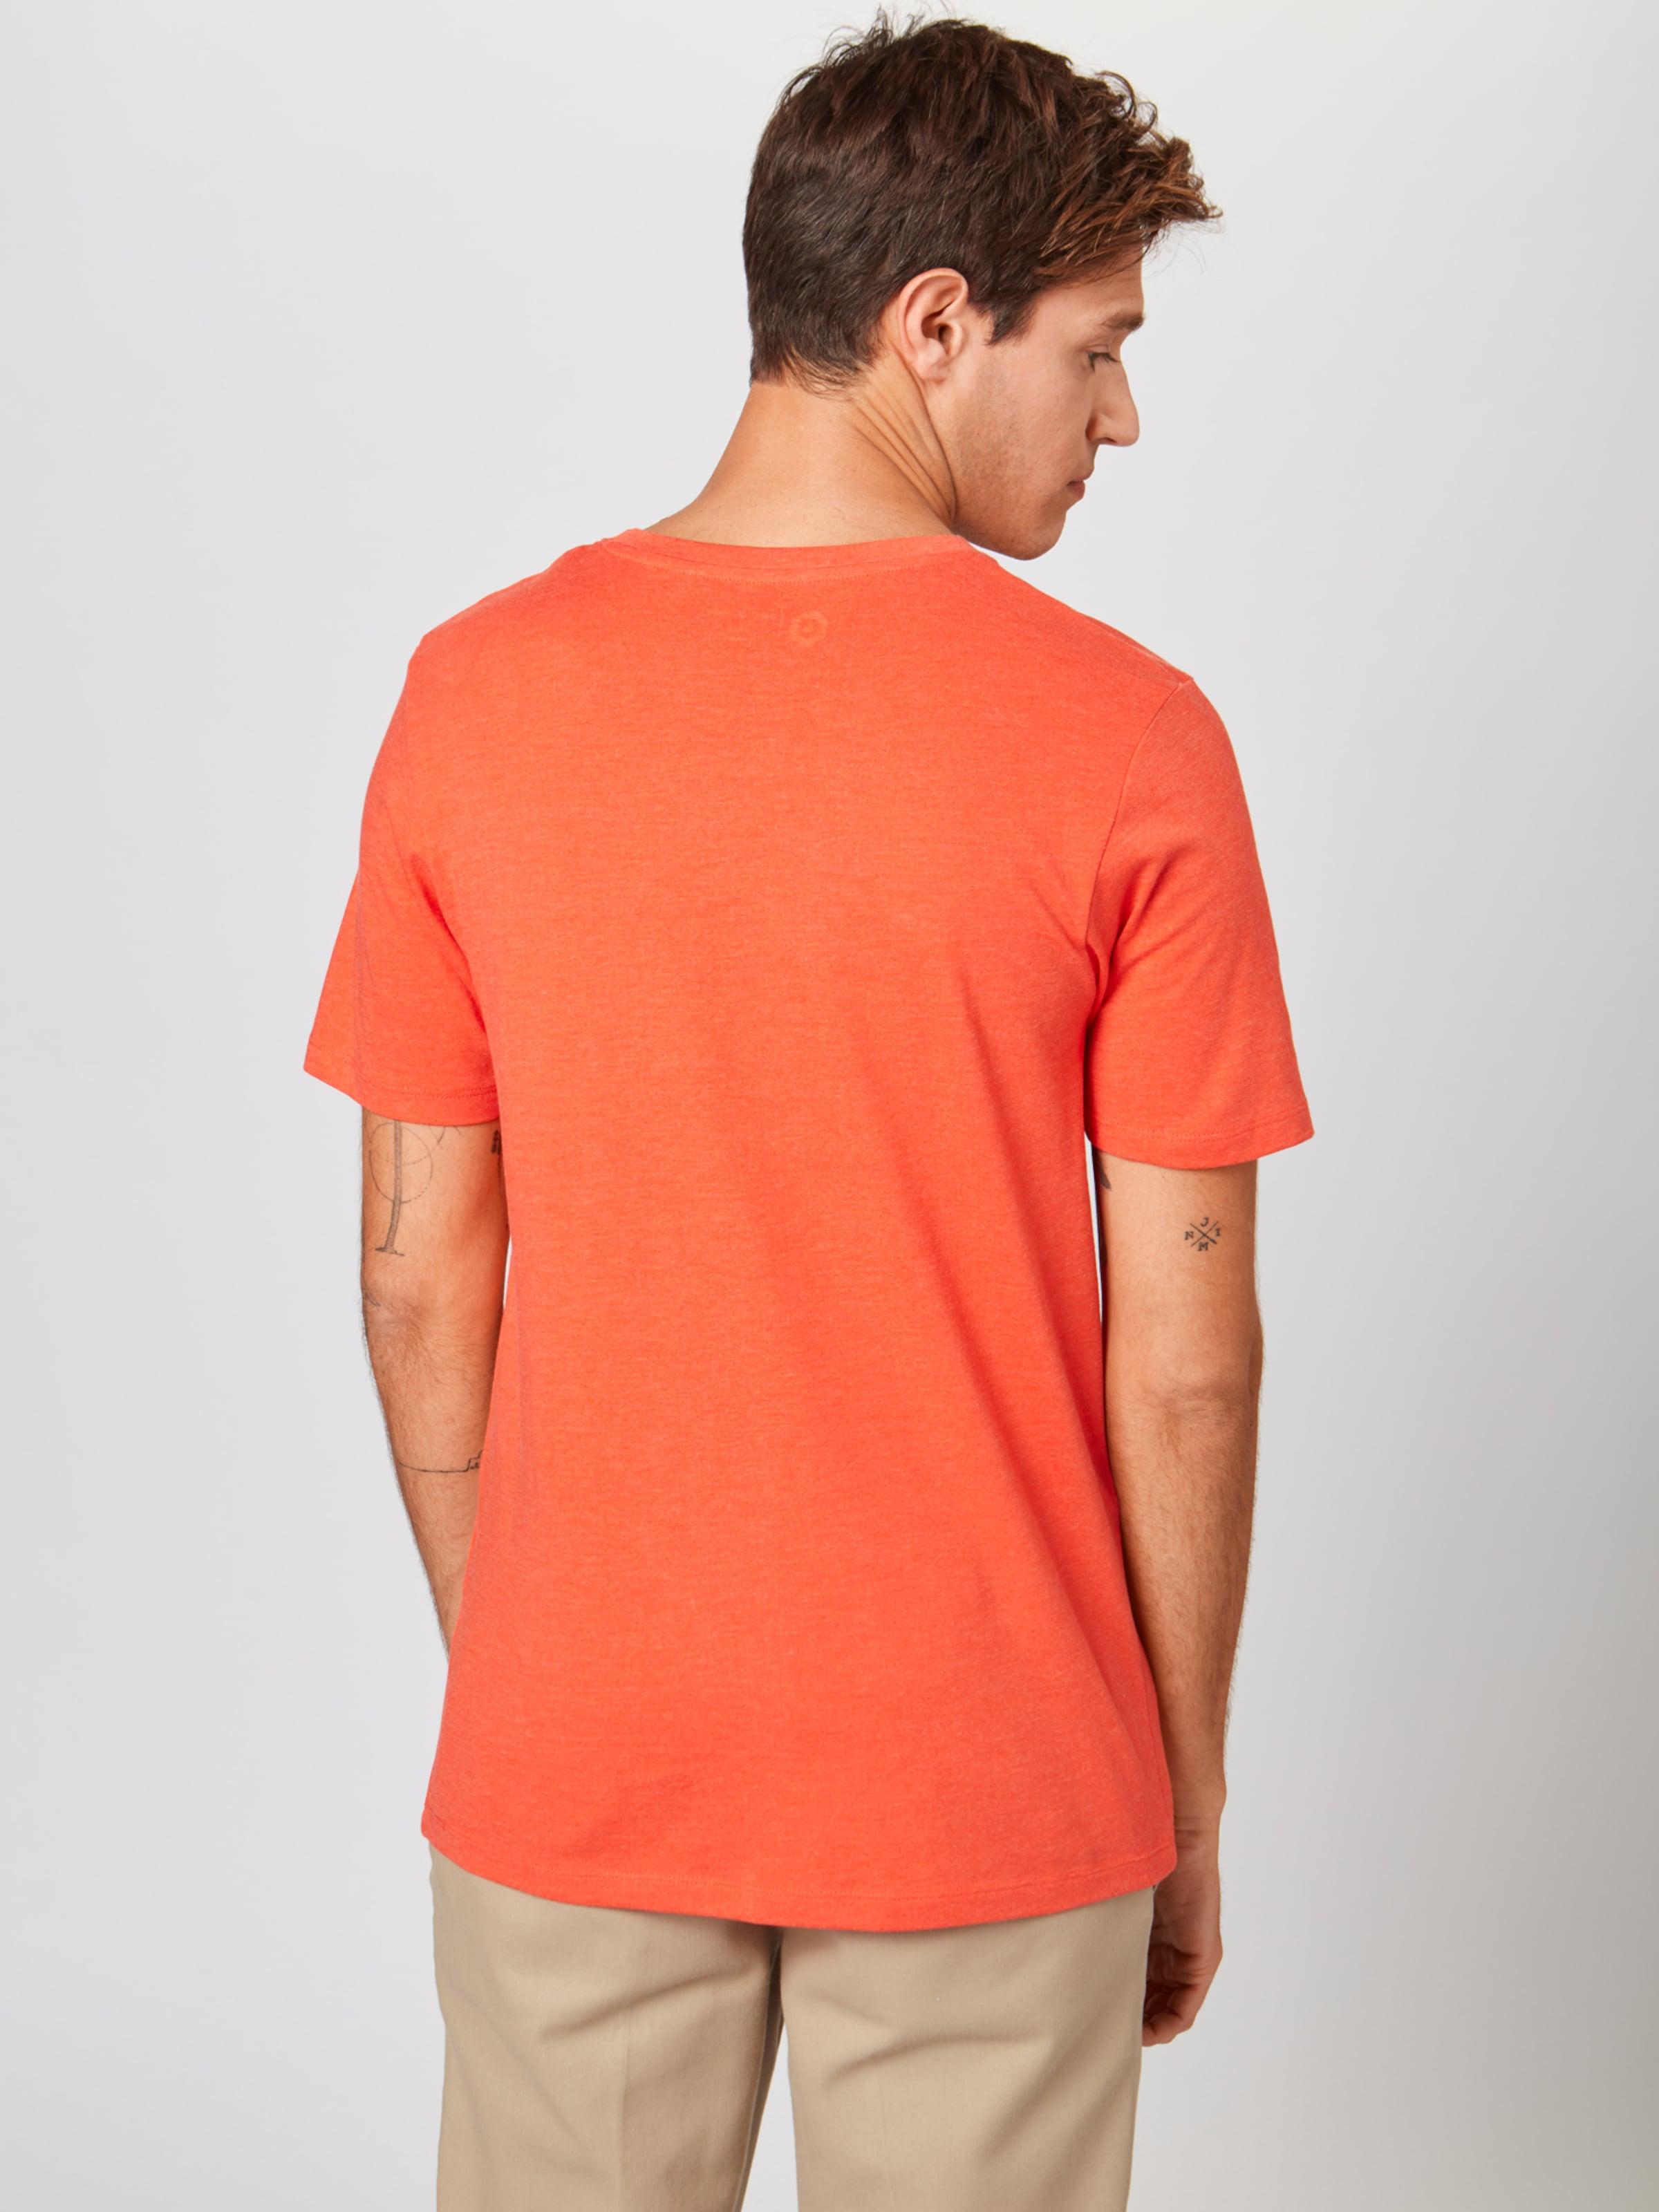 Jackamp; OrangerotSchwarz T In Jones Tee' shirt 'booster rWCBQExode